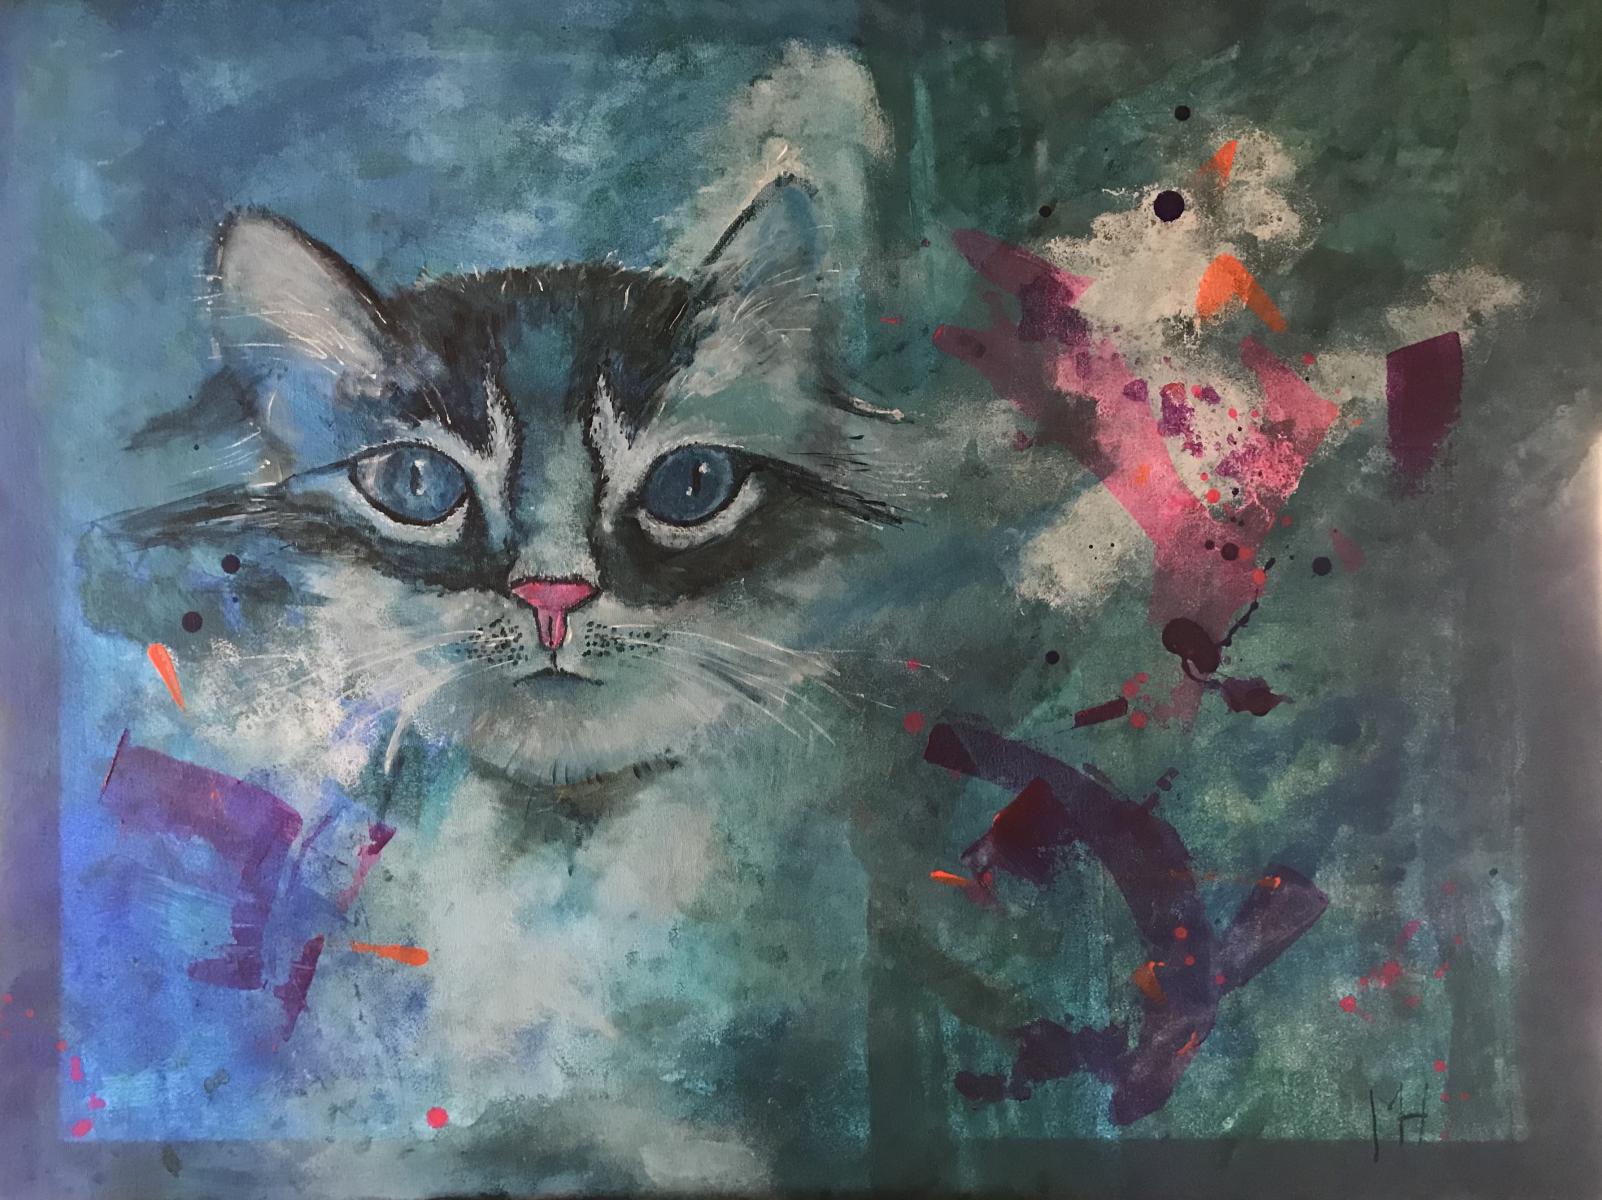 ART 2018 PoesBlauw